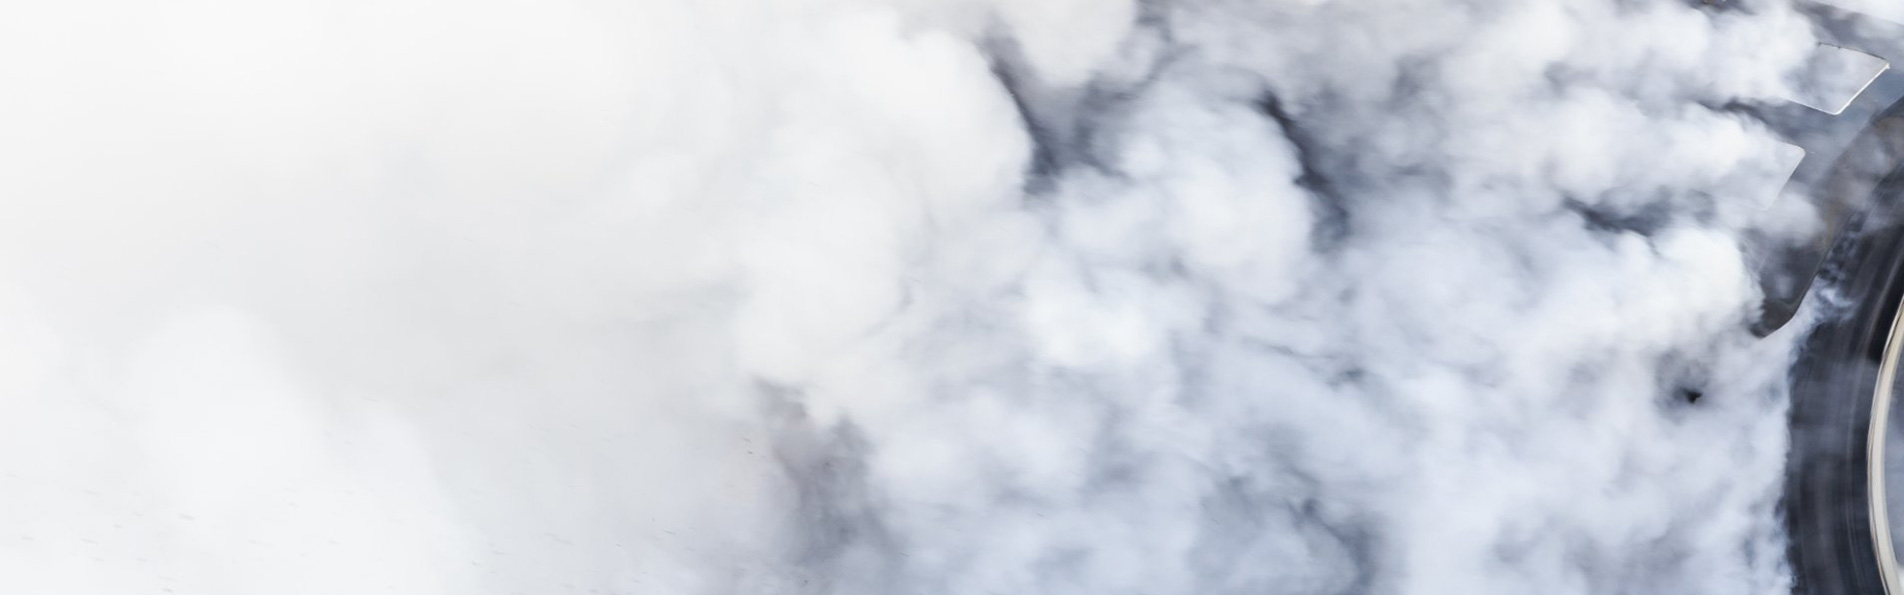 Tire-Smoke2.jpg